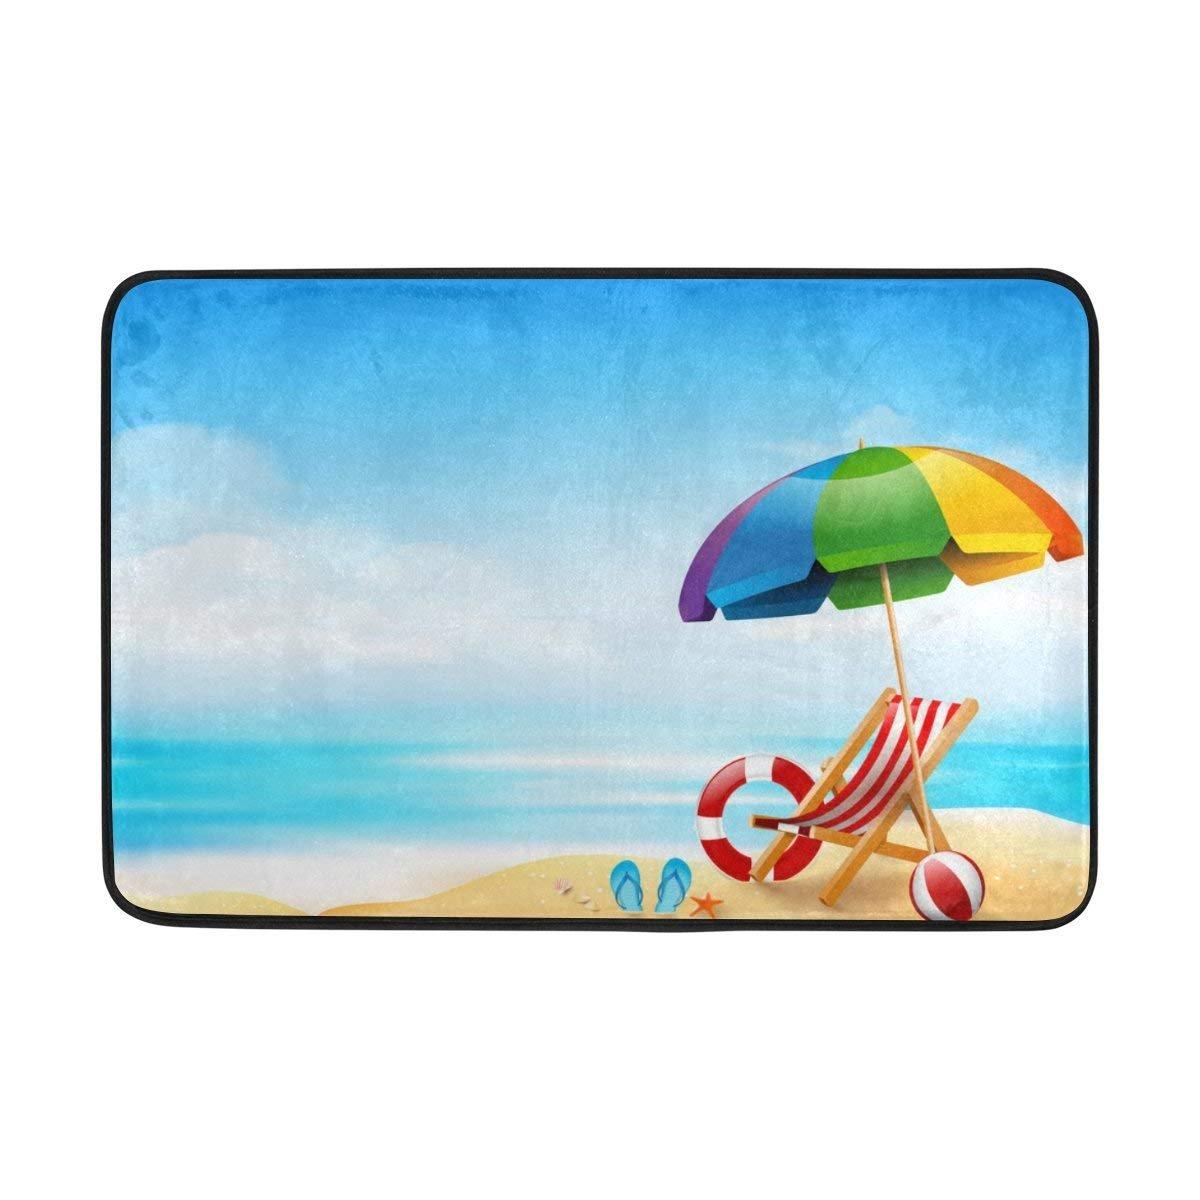 Felpudos Summer Ocean Sea Beach Tropical Palm Trees Doormats Floor Mats Shoe Scraper for Home Indoor Entrance Way Front Door 23.6 by 15.7 Inches 40 x 60 cm